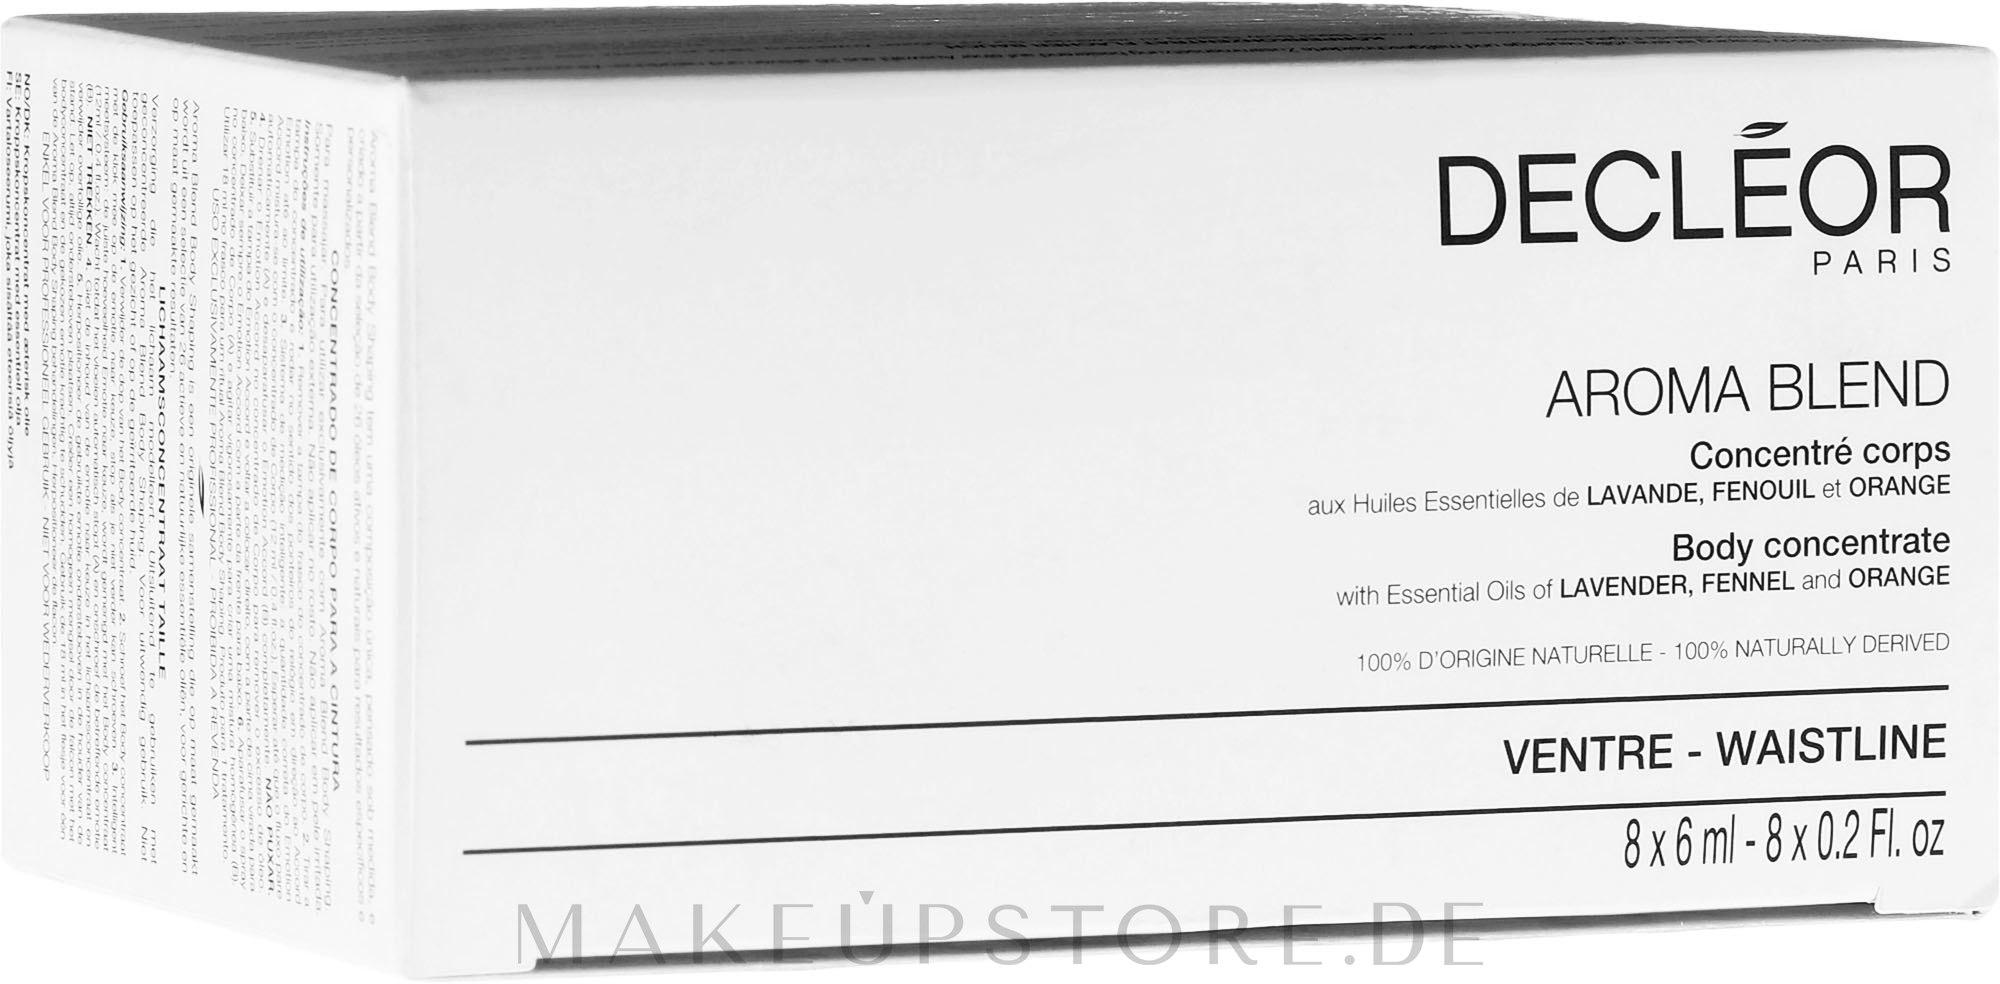 Körperkonzentrat mit ätherischen Ölen - Decleor Aroma Blend Body Concentrate Waistline — Bild 8x6 ml